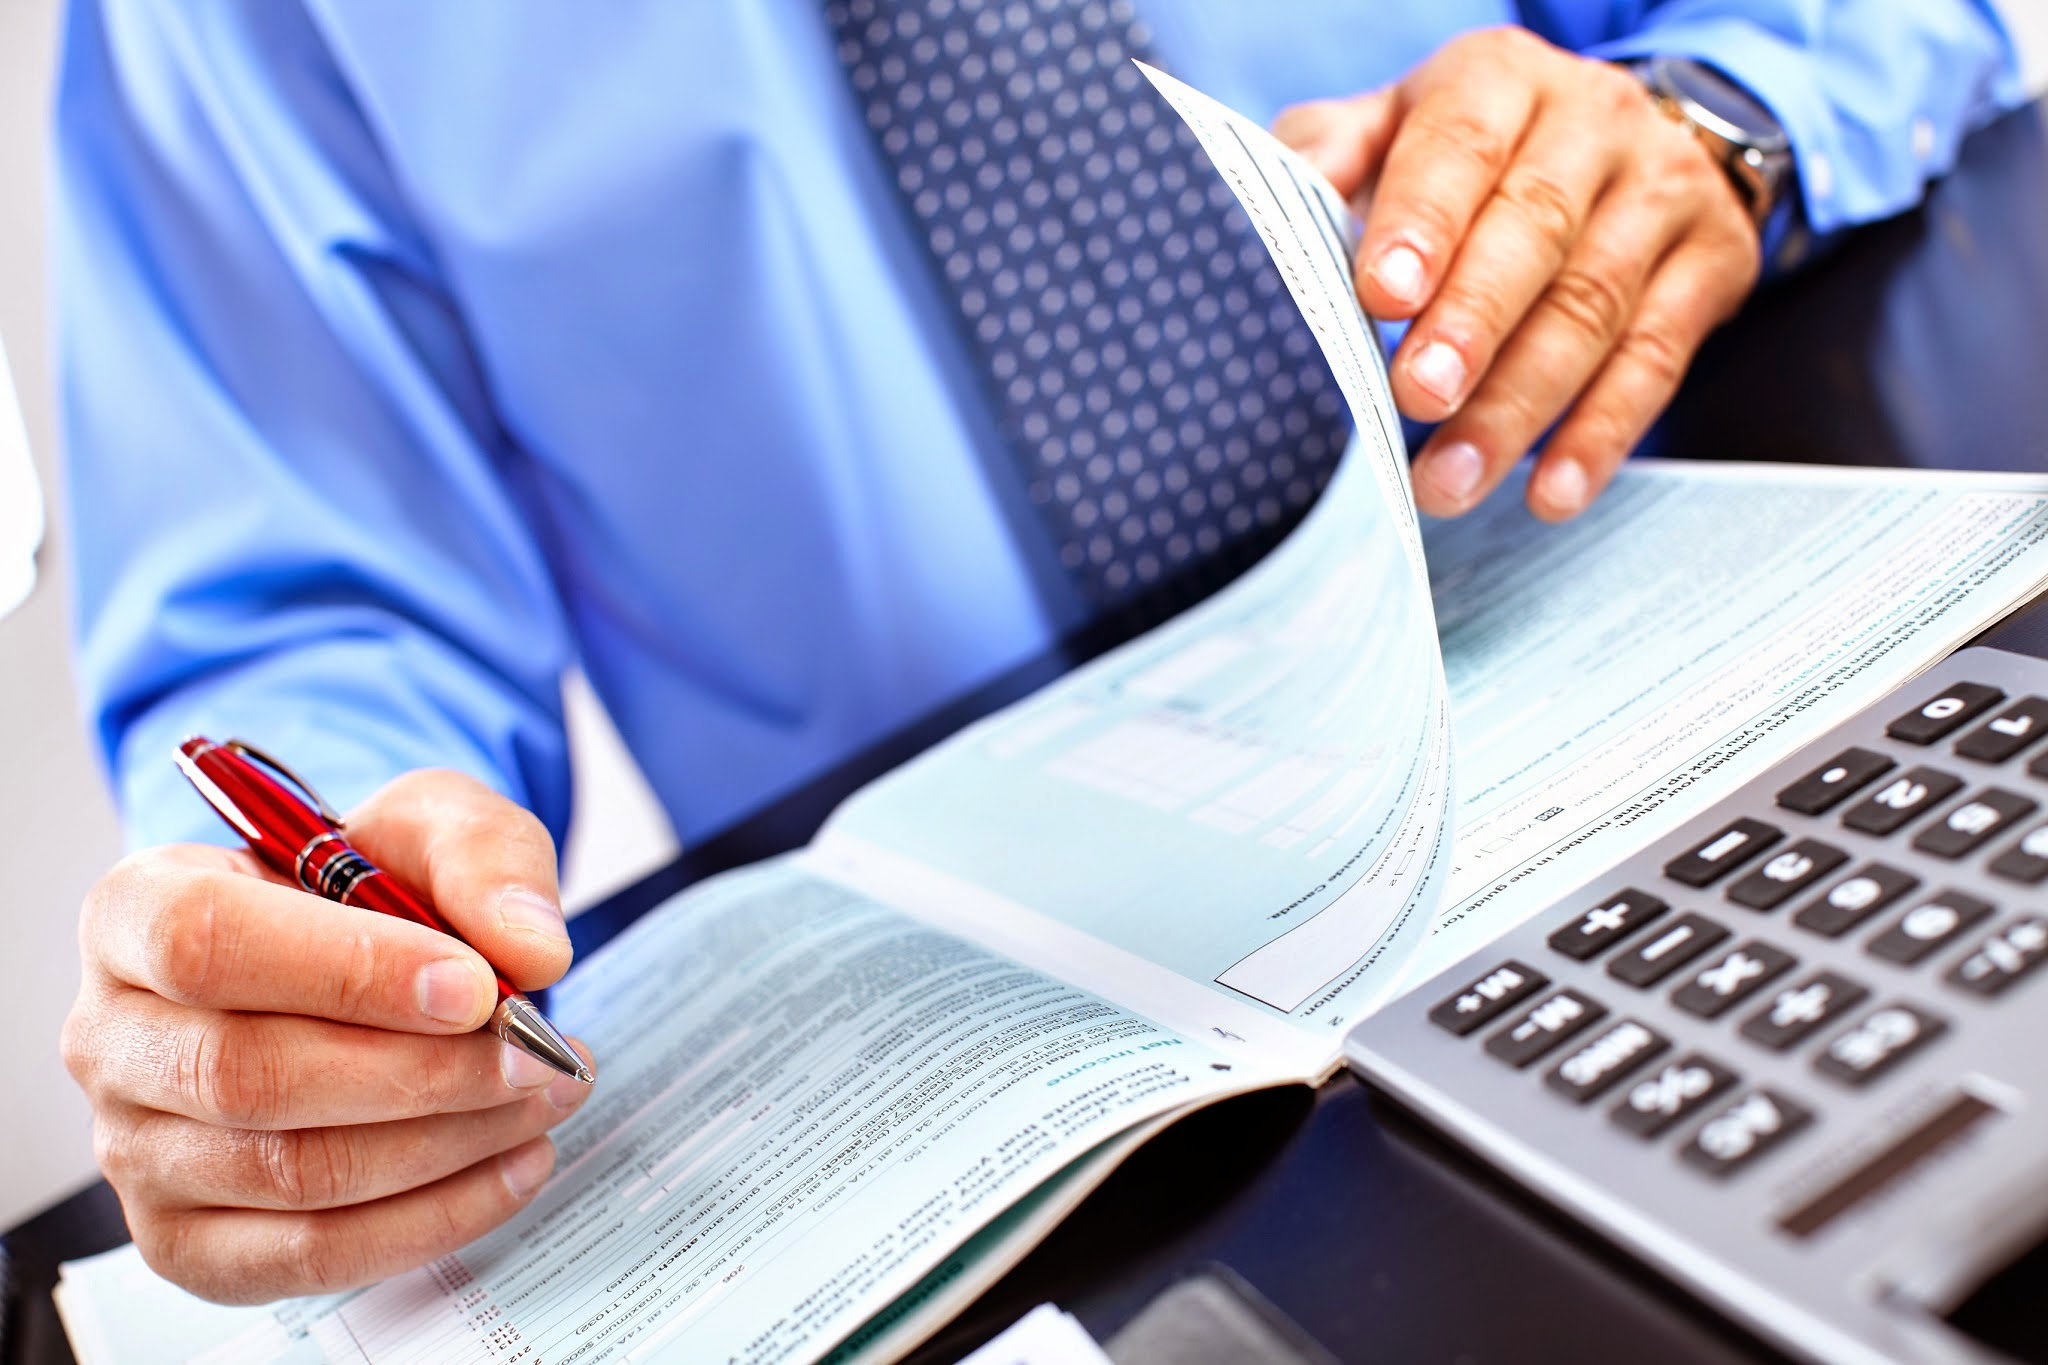 Hồ sơ thời hạn khai thuế cho hộ kinh doanh - luật 24h